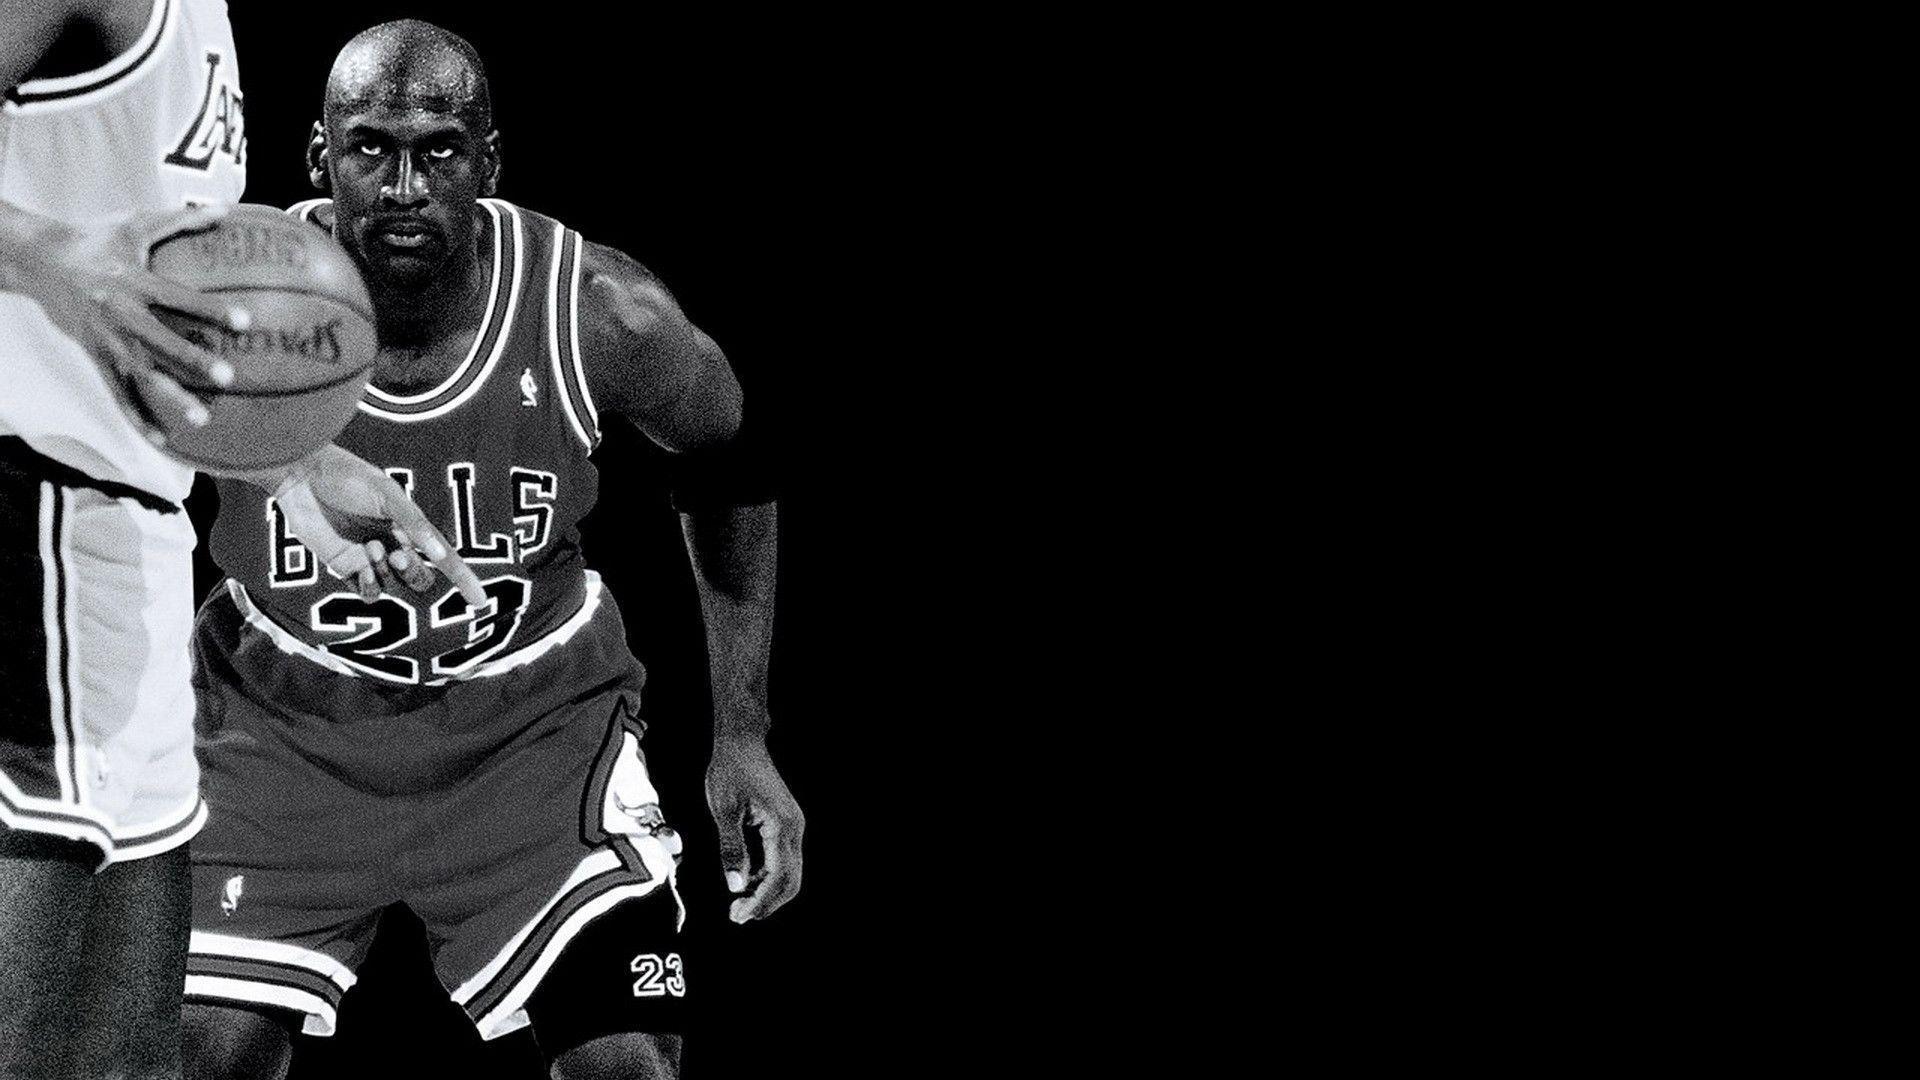 Michael Jordan Wallpaper 1080P